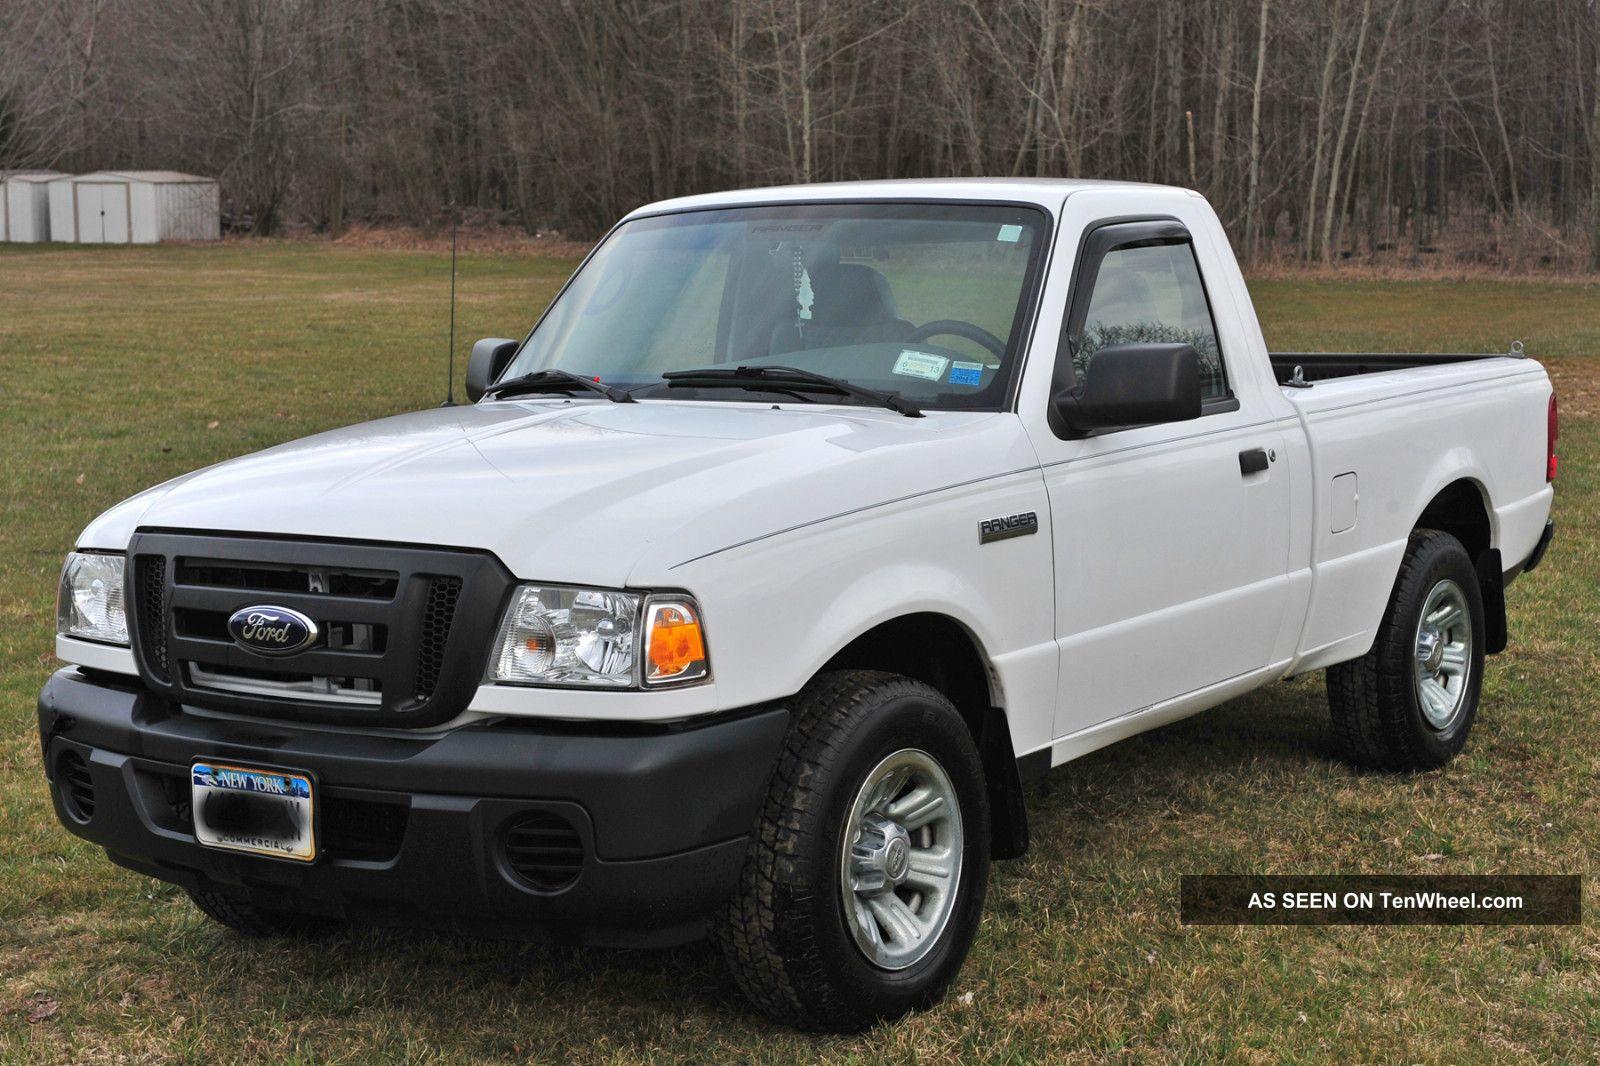 2008 ford ranger image 6